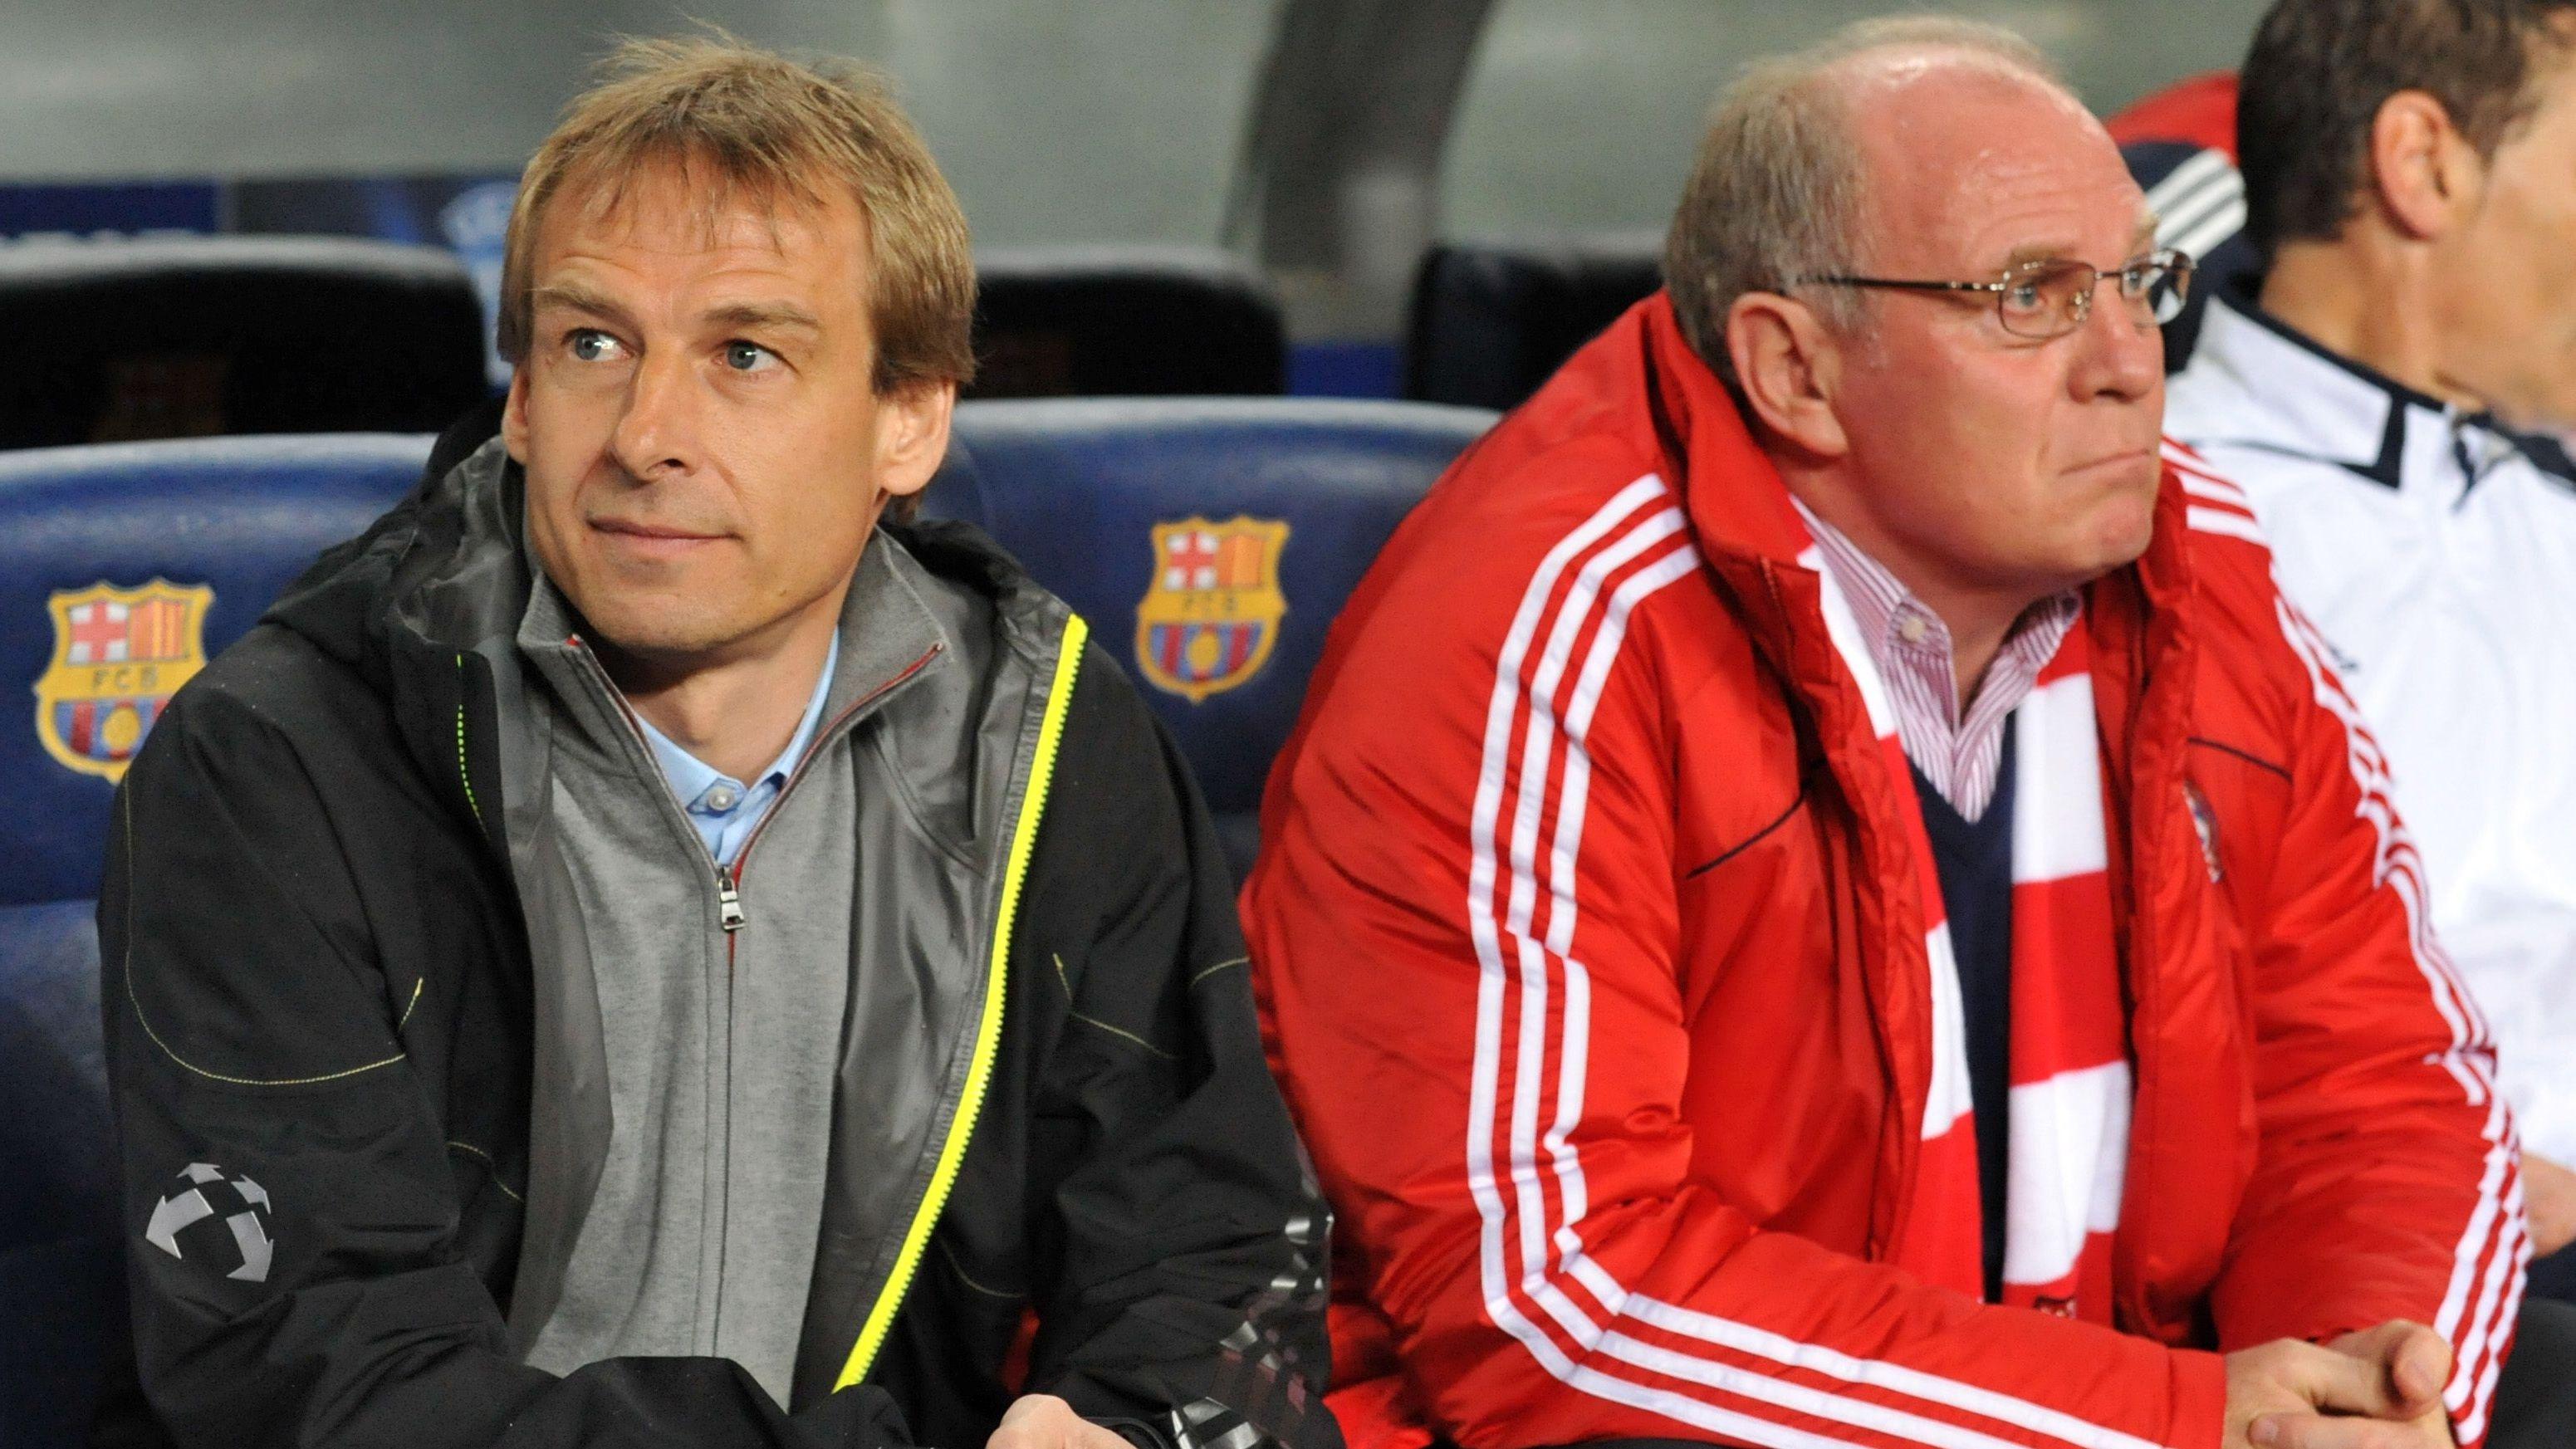 Jürgen Klinsmann und Uli Hoeneß auf der FC-Bayern-Bank bei einem Spiel in Barcelona